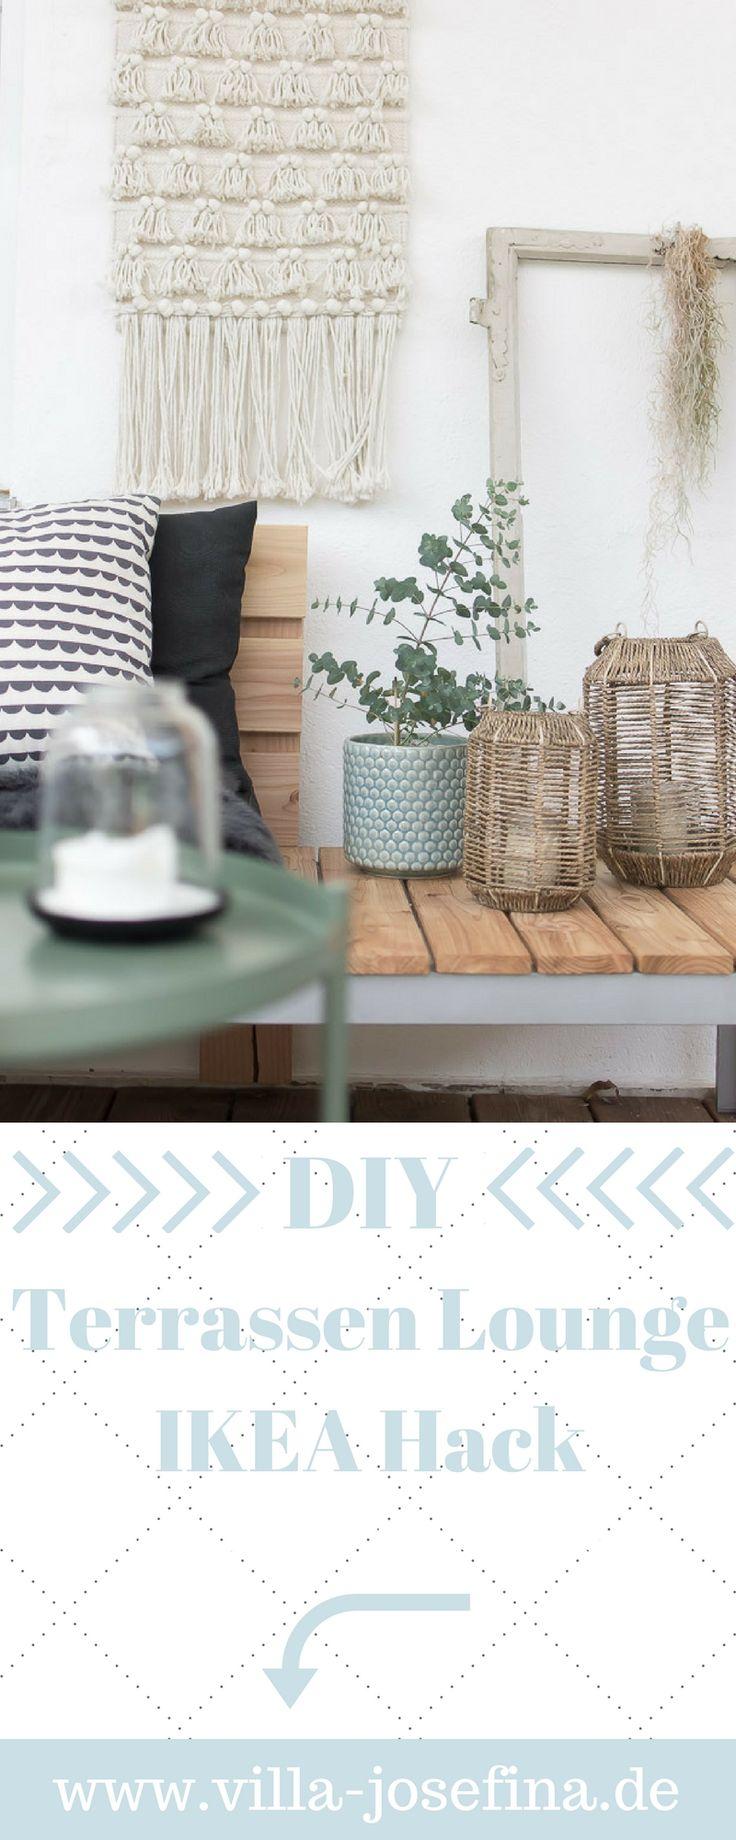 DIY Terrassen Lounge aus der FALSTER Liege von Ikea, schnell und günstig gebaut, mit Anleitung und vielen Bildern. Ikea Hack, günstige Terrassen Lounge, Garten Lounge, Holz Lounge